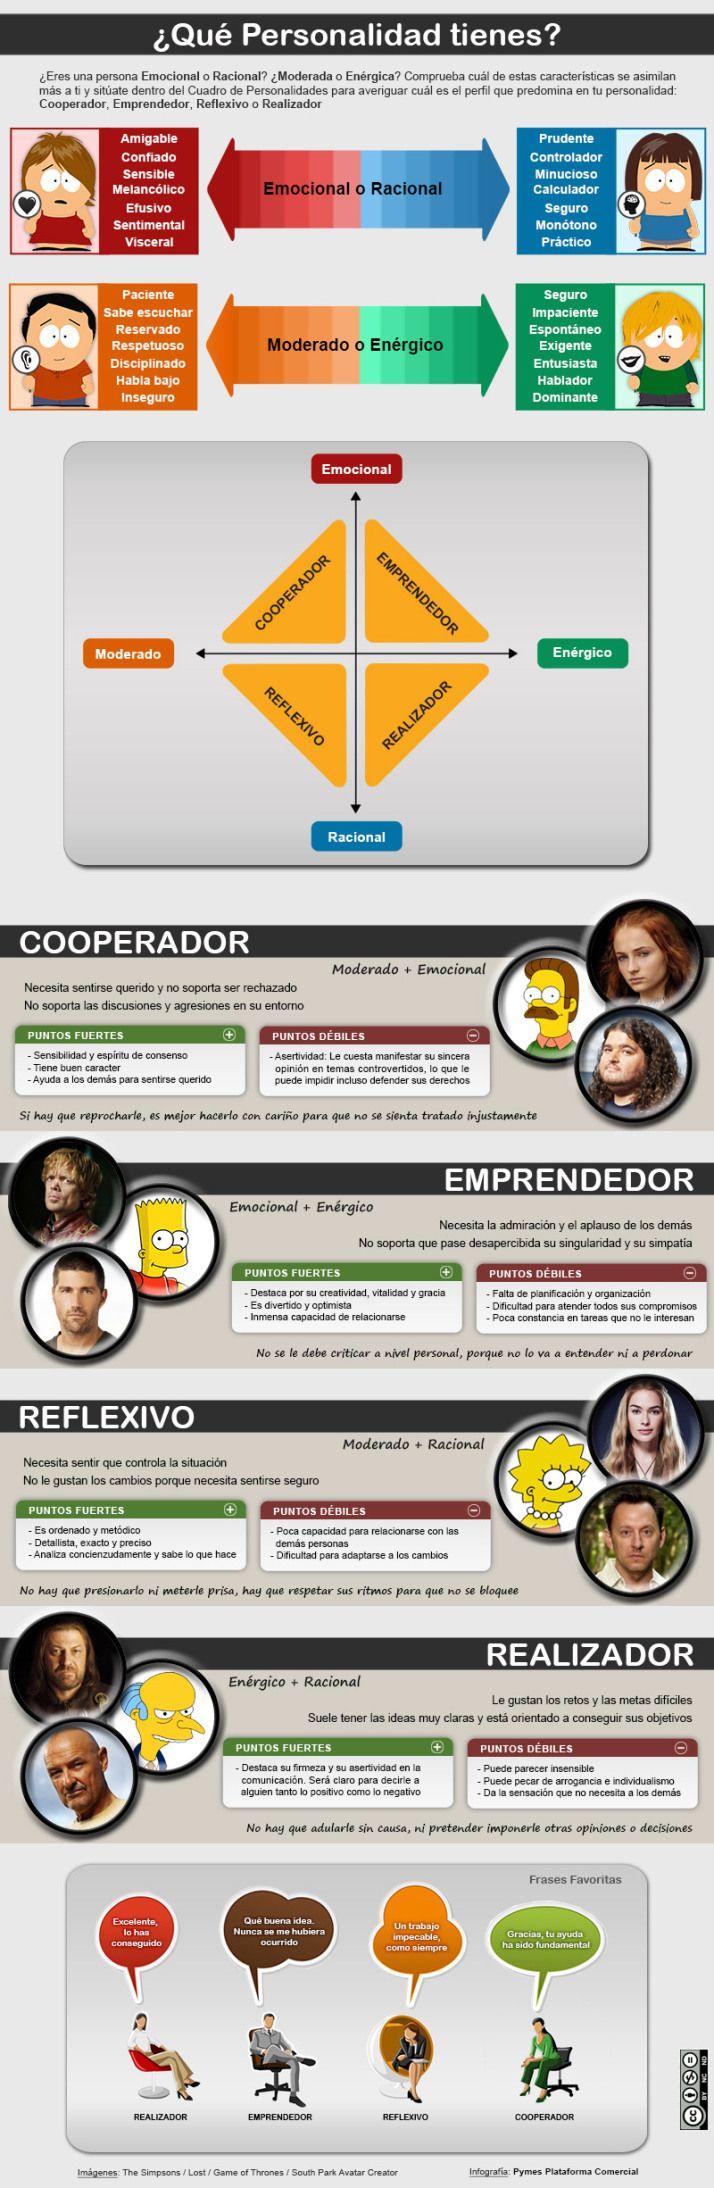 ¿Cual es tu tipo de personalidad?